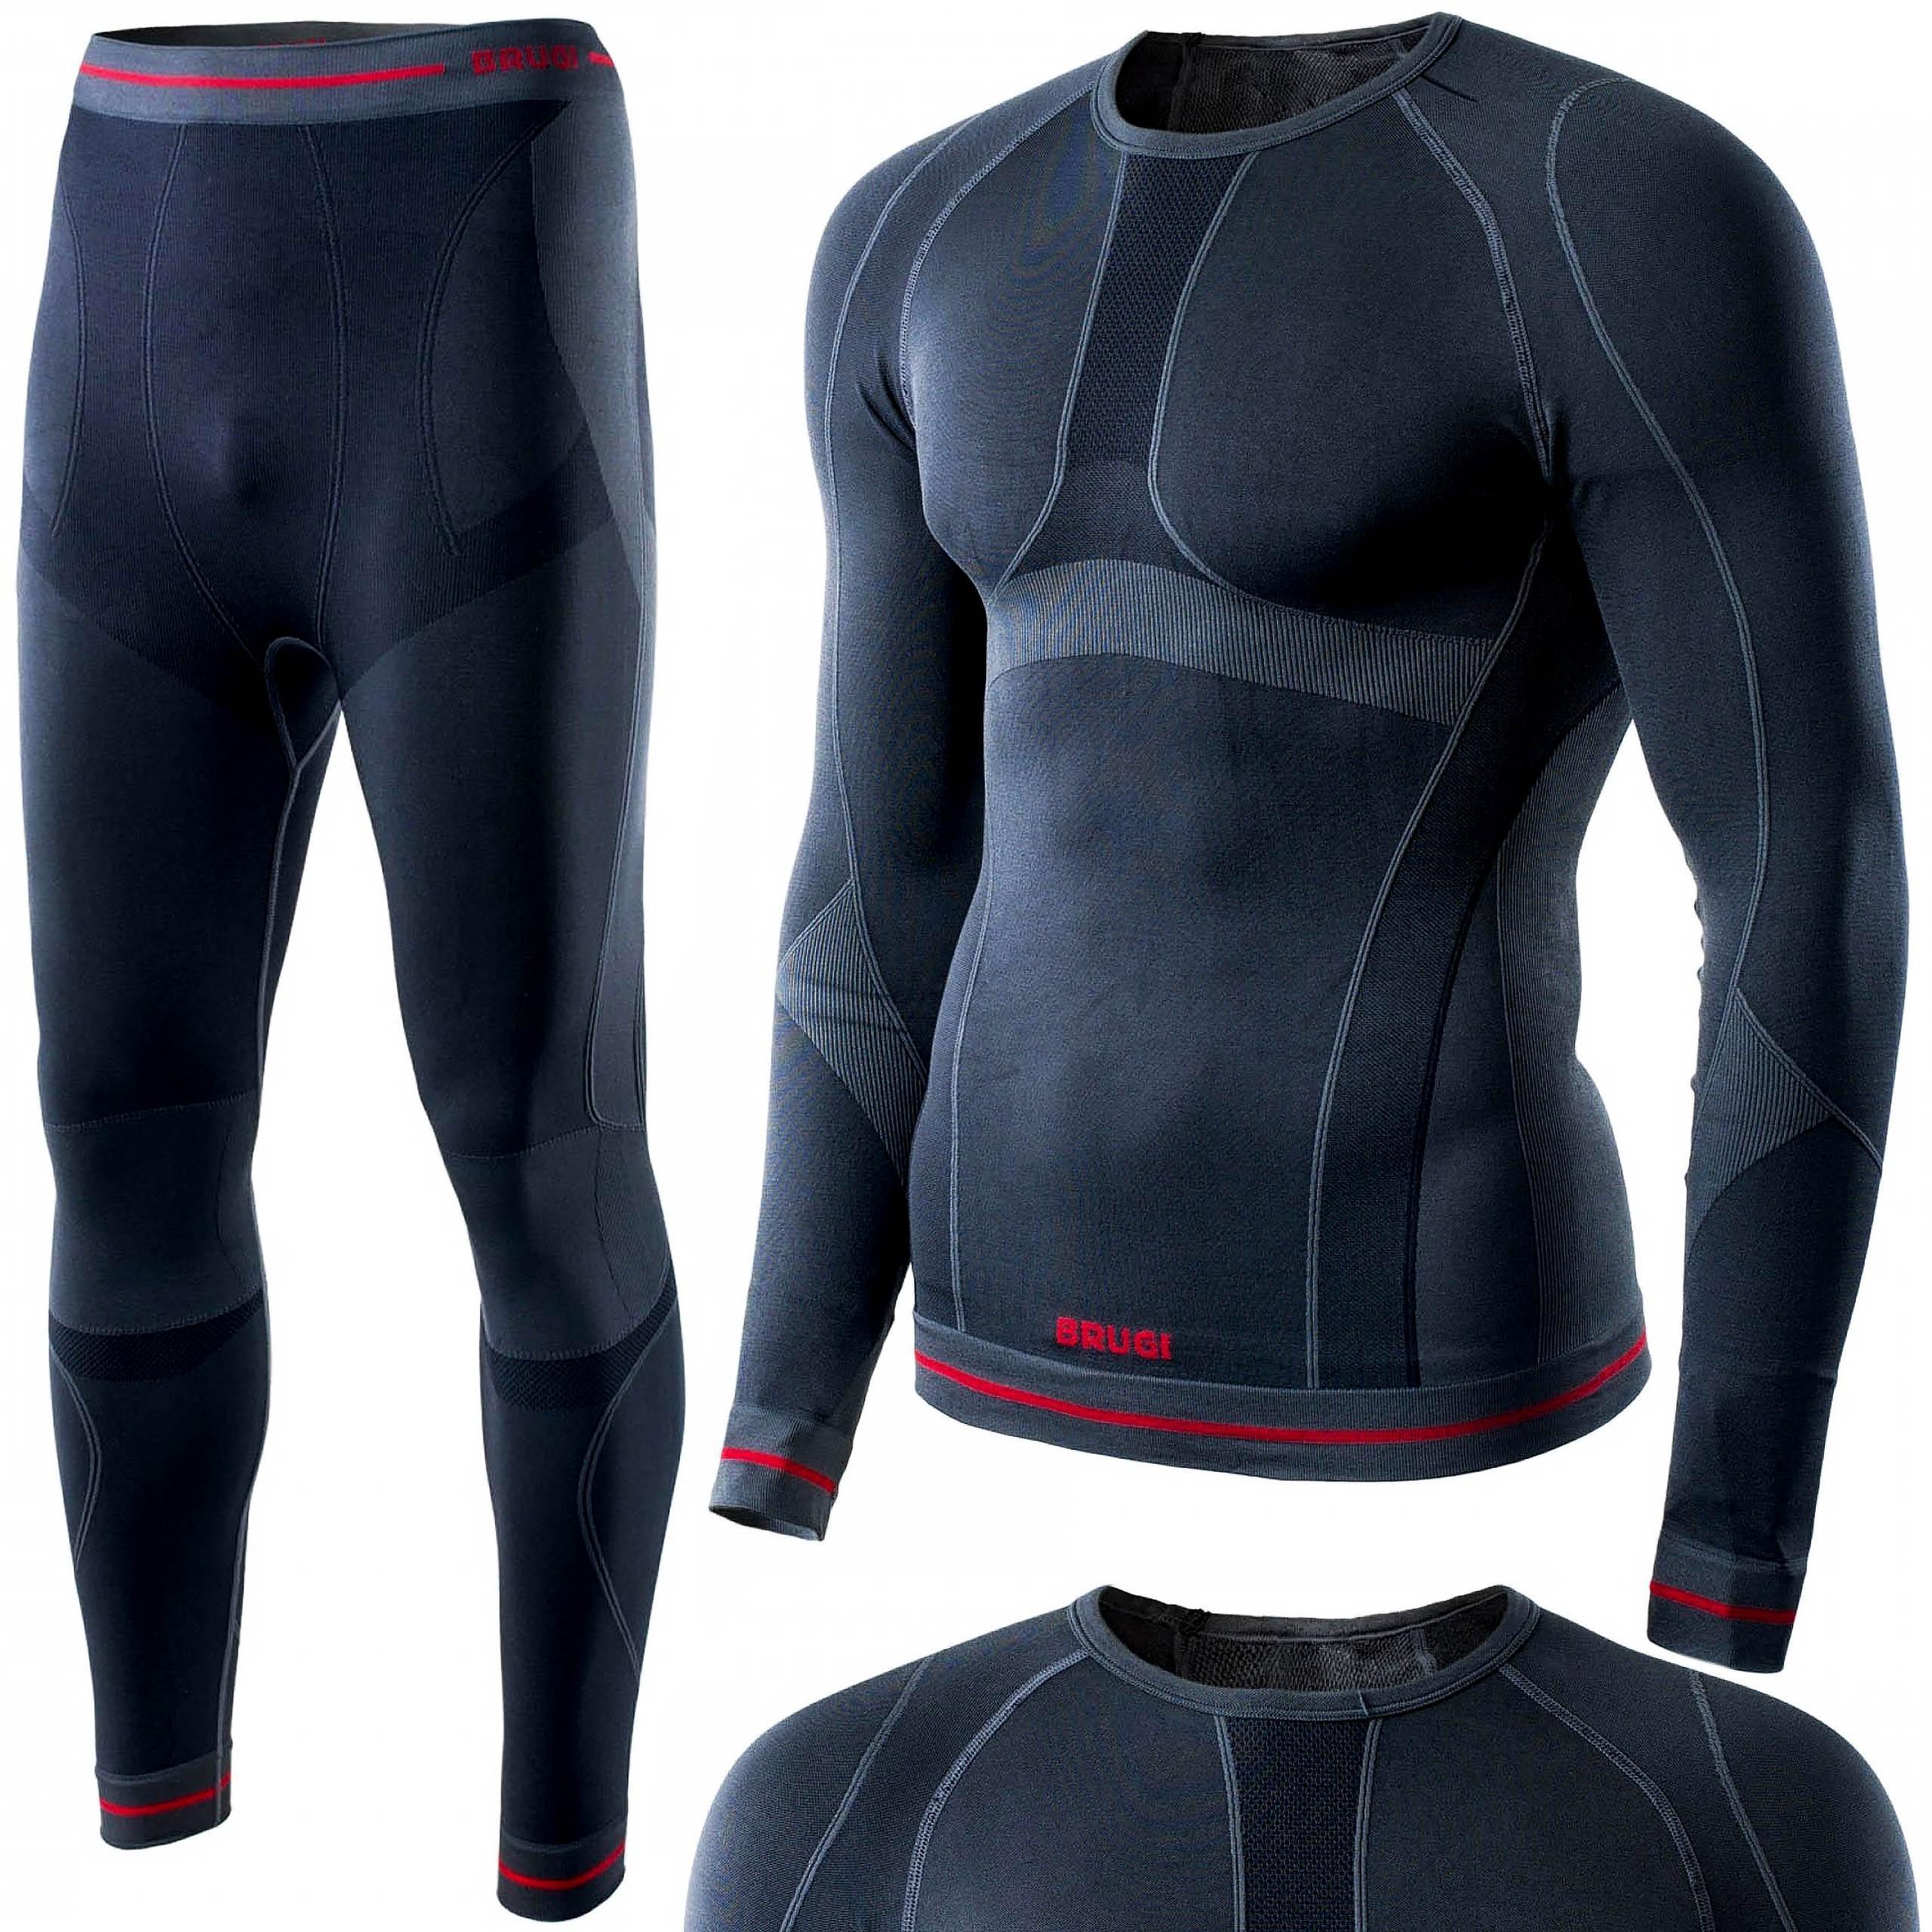 Brugi Bielizna termoaktywna męska 4RAW+4RAT L/XL czarna X15 (spodnie+koszulka) -OS-01_0092